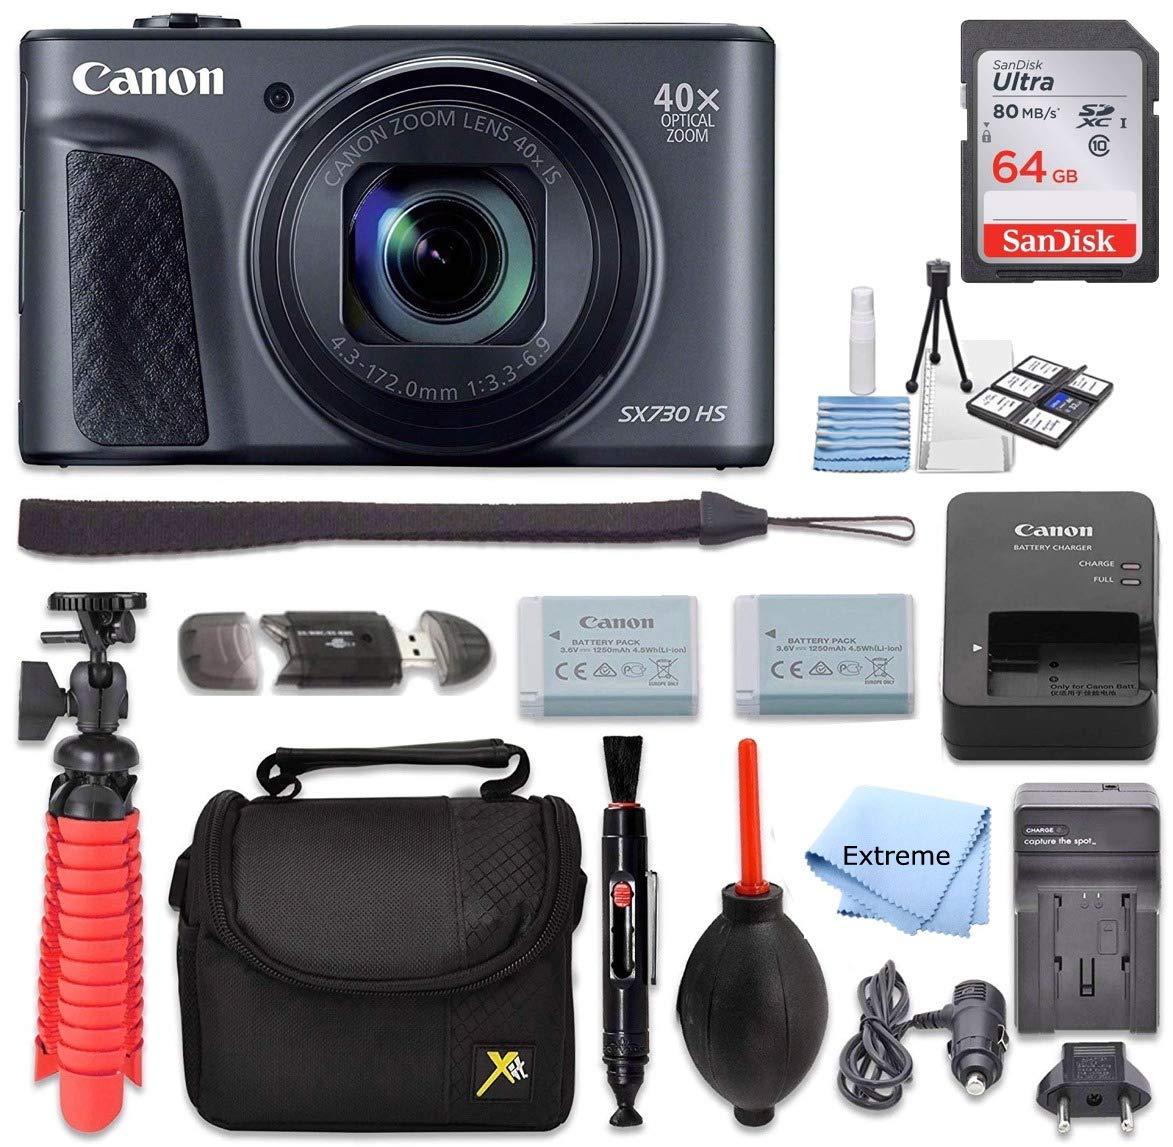 Canon PowerShot SX730 HS デジタルカメラ (ブラック) + 64GB メモリーカード + ポイント&シュートケース + フレキシブル三脚 + USBカードリーダー + レンズクリーニングペン + クリーニングキット + フルアクセサリーセット   B07MDDPPV1